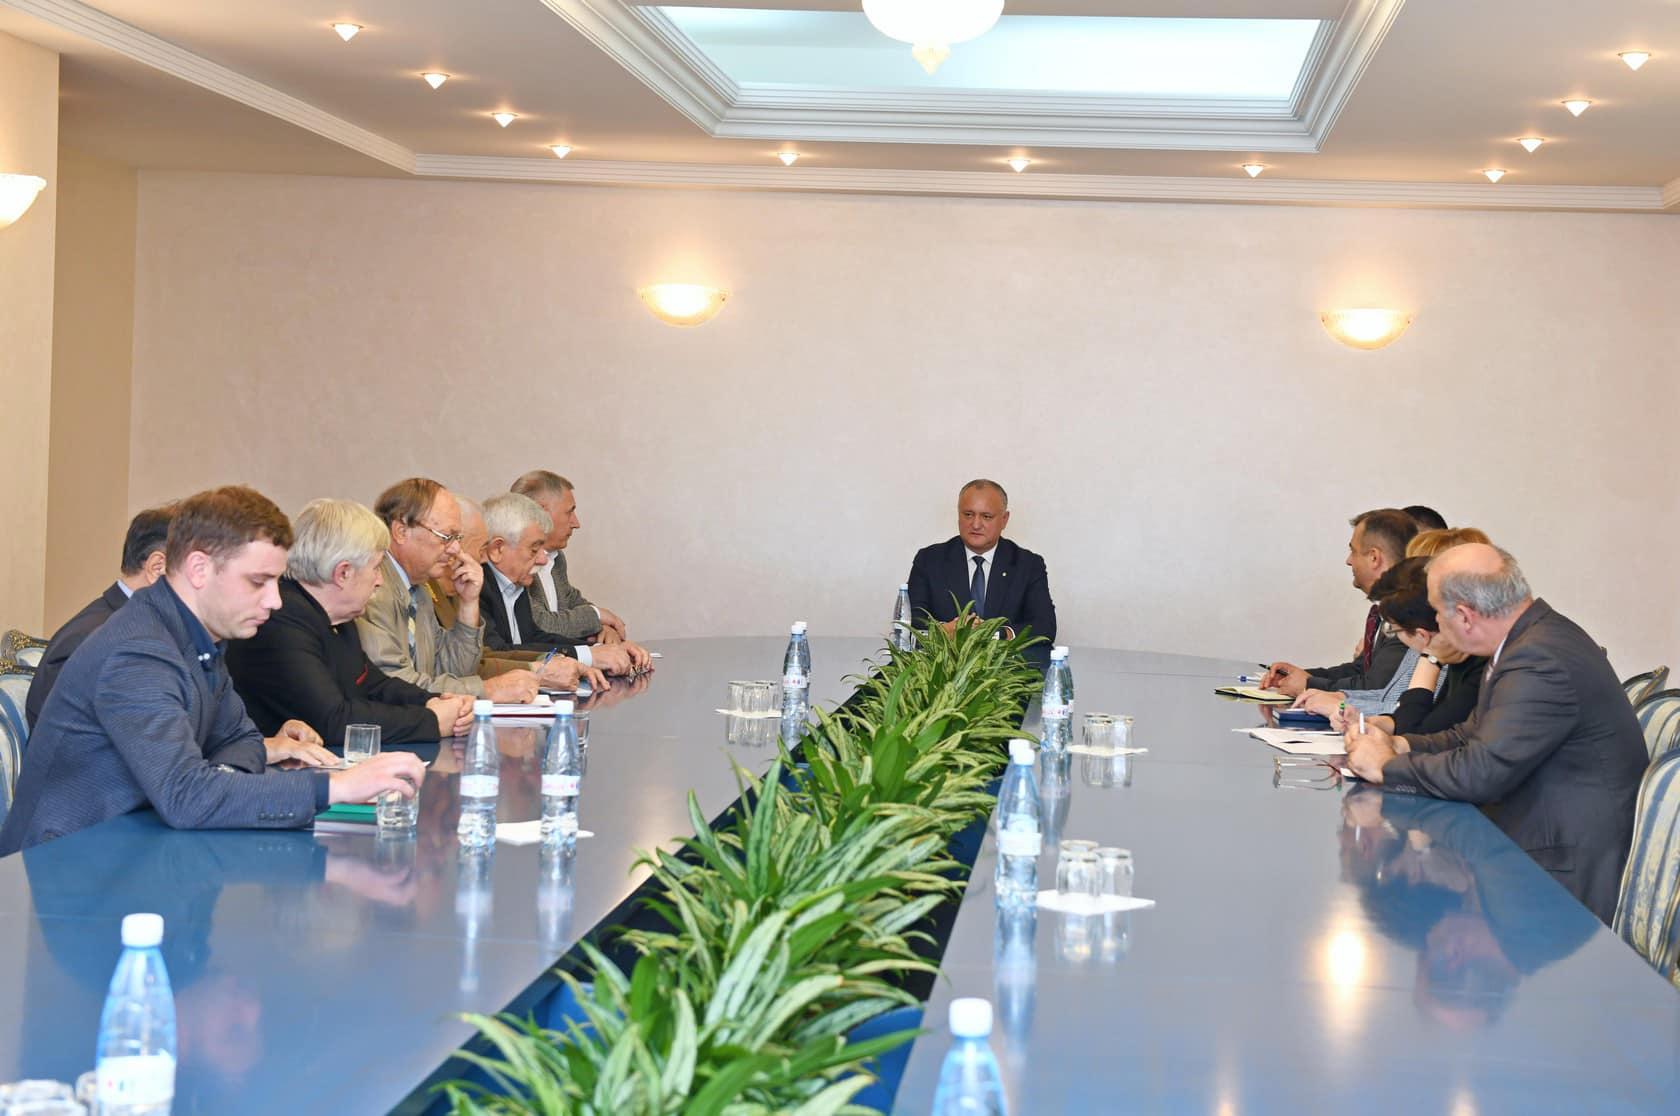 Второй Форум этносов пройдет под патронатом президента 1 ноября (ФОТО, ВИДЕО)